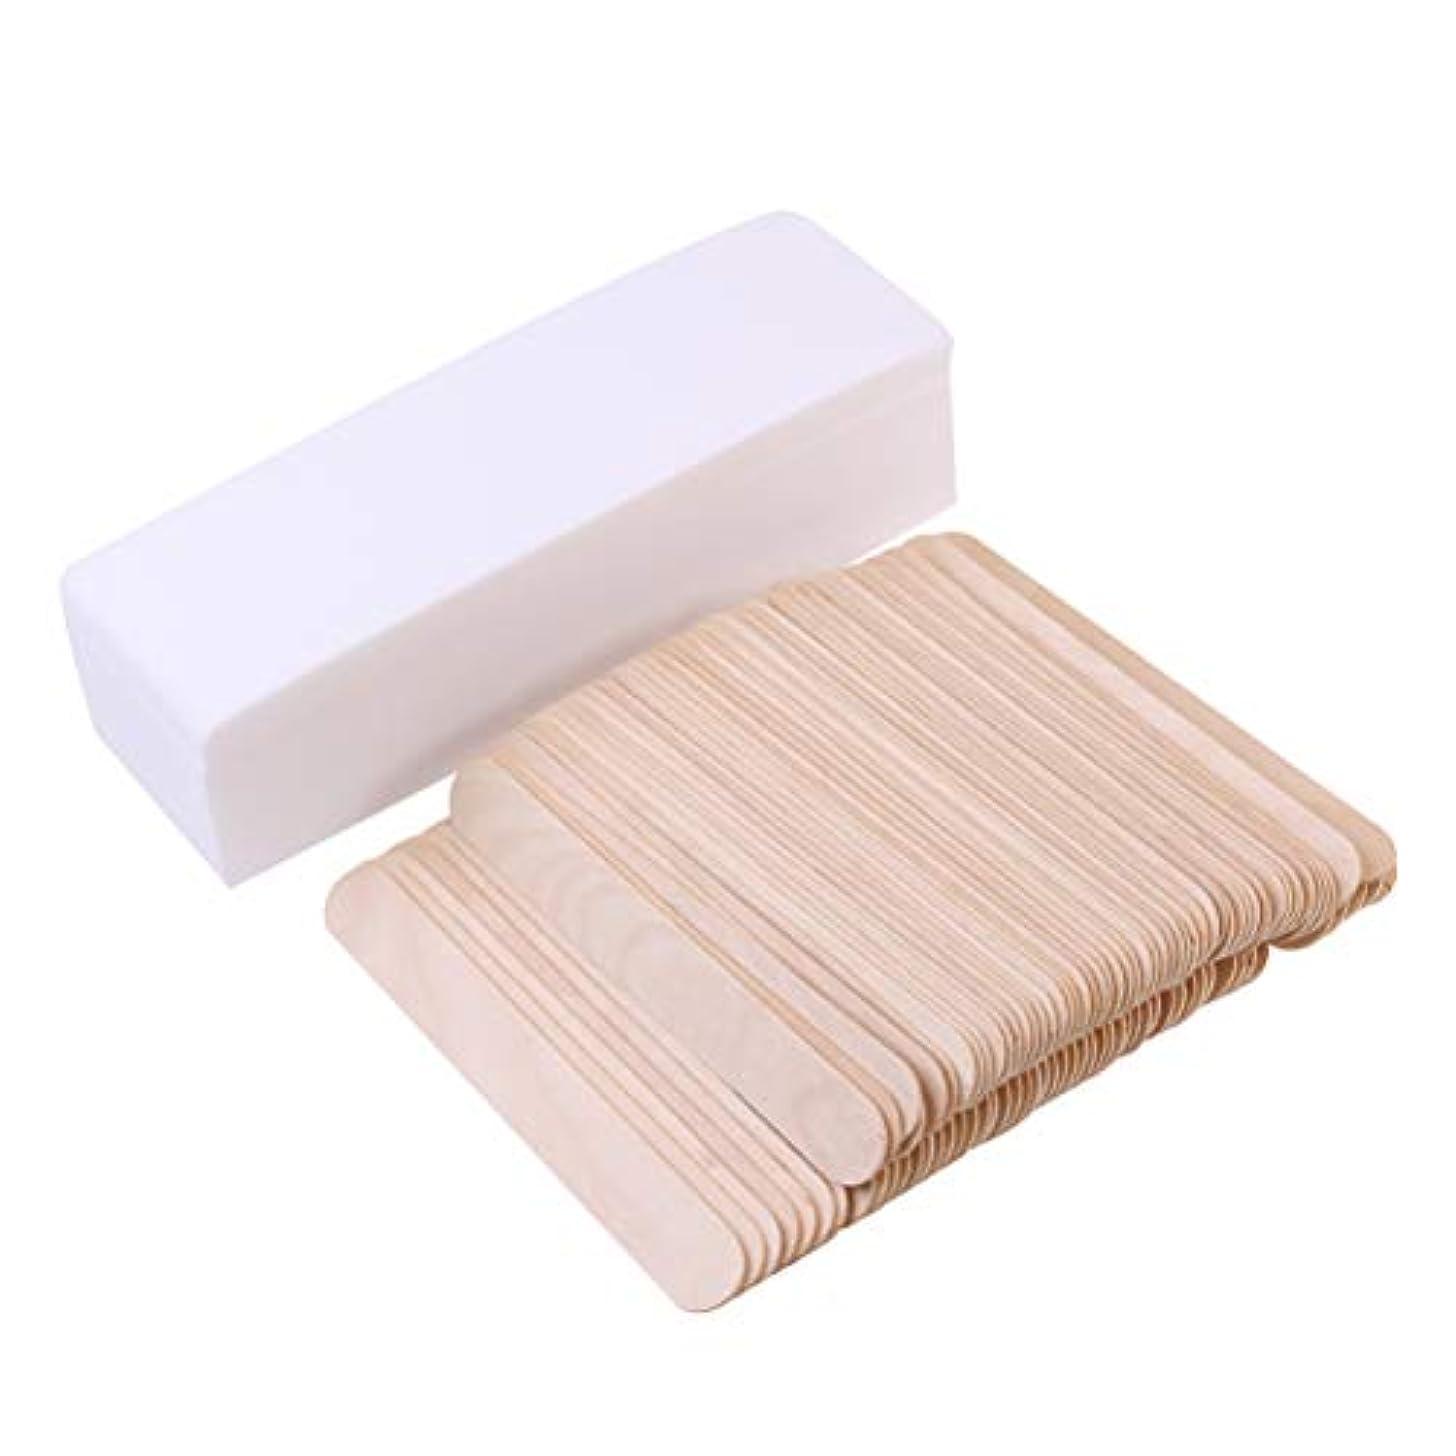 マージ吸収剤従順Healifty 毛の取り外しのペーパー使い捨て可能なボディは100pcsワックスが付いているペーパーを取り除きます